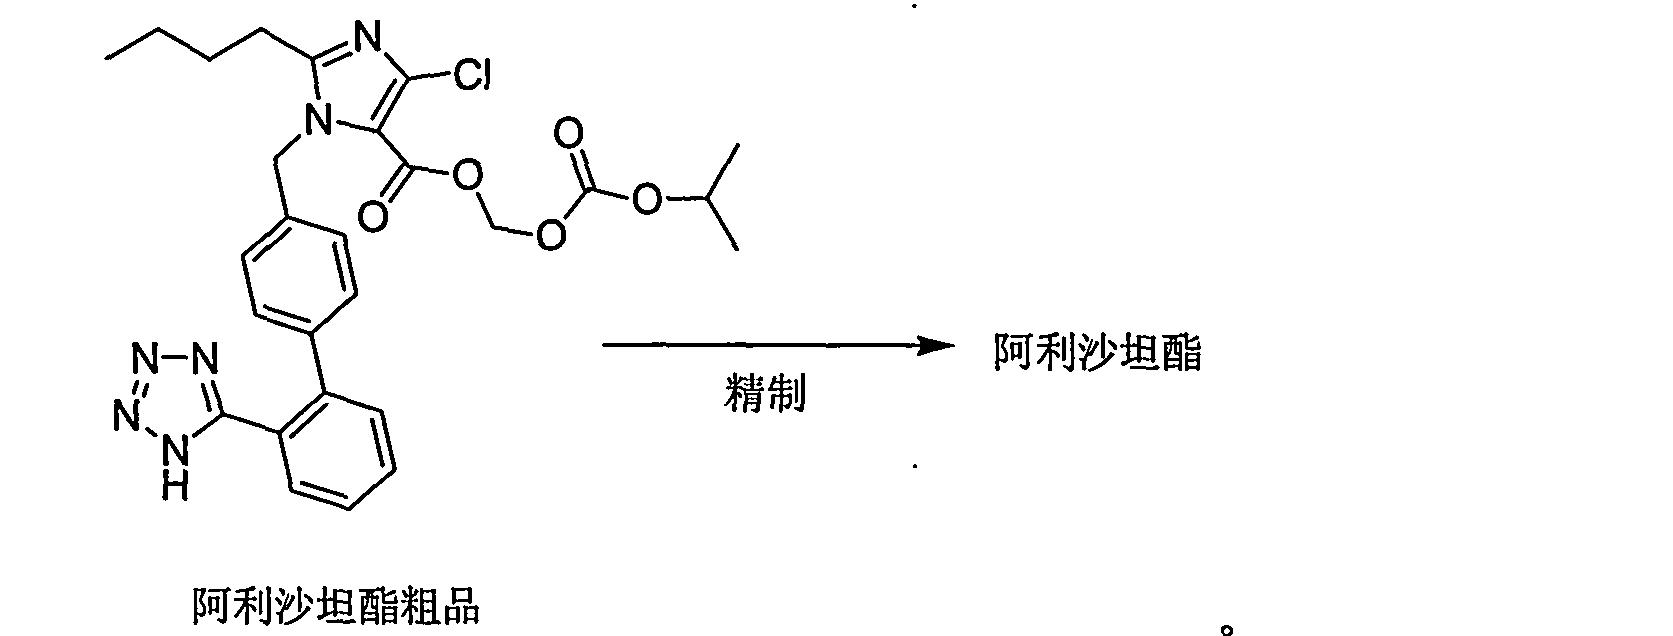 Figure CN103965171AC00032